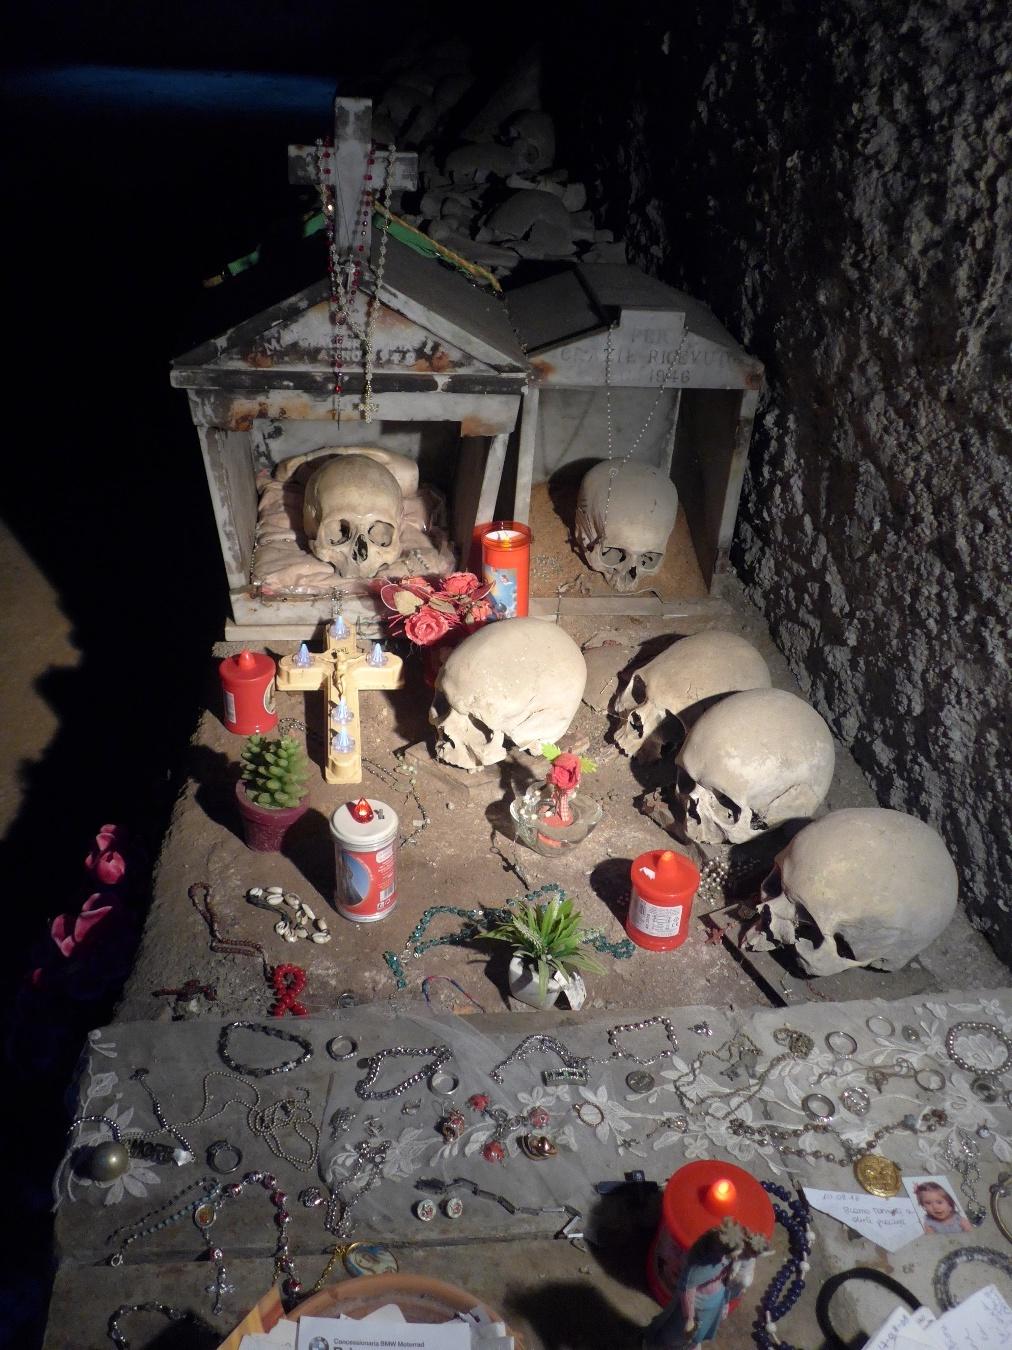 Offrandes votives dans le cimetière de Naples, Italie. 15 septembre 2018. Photo Renée de la Torre.